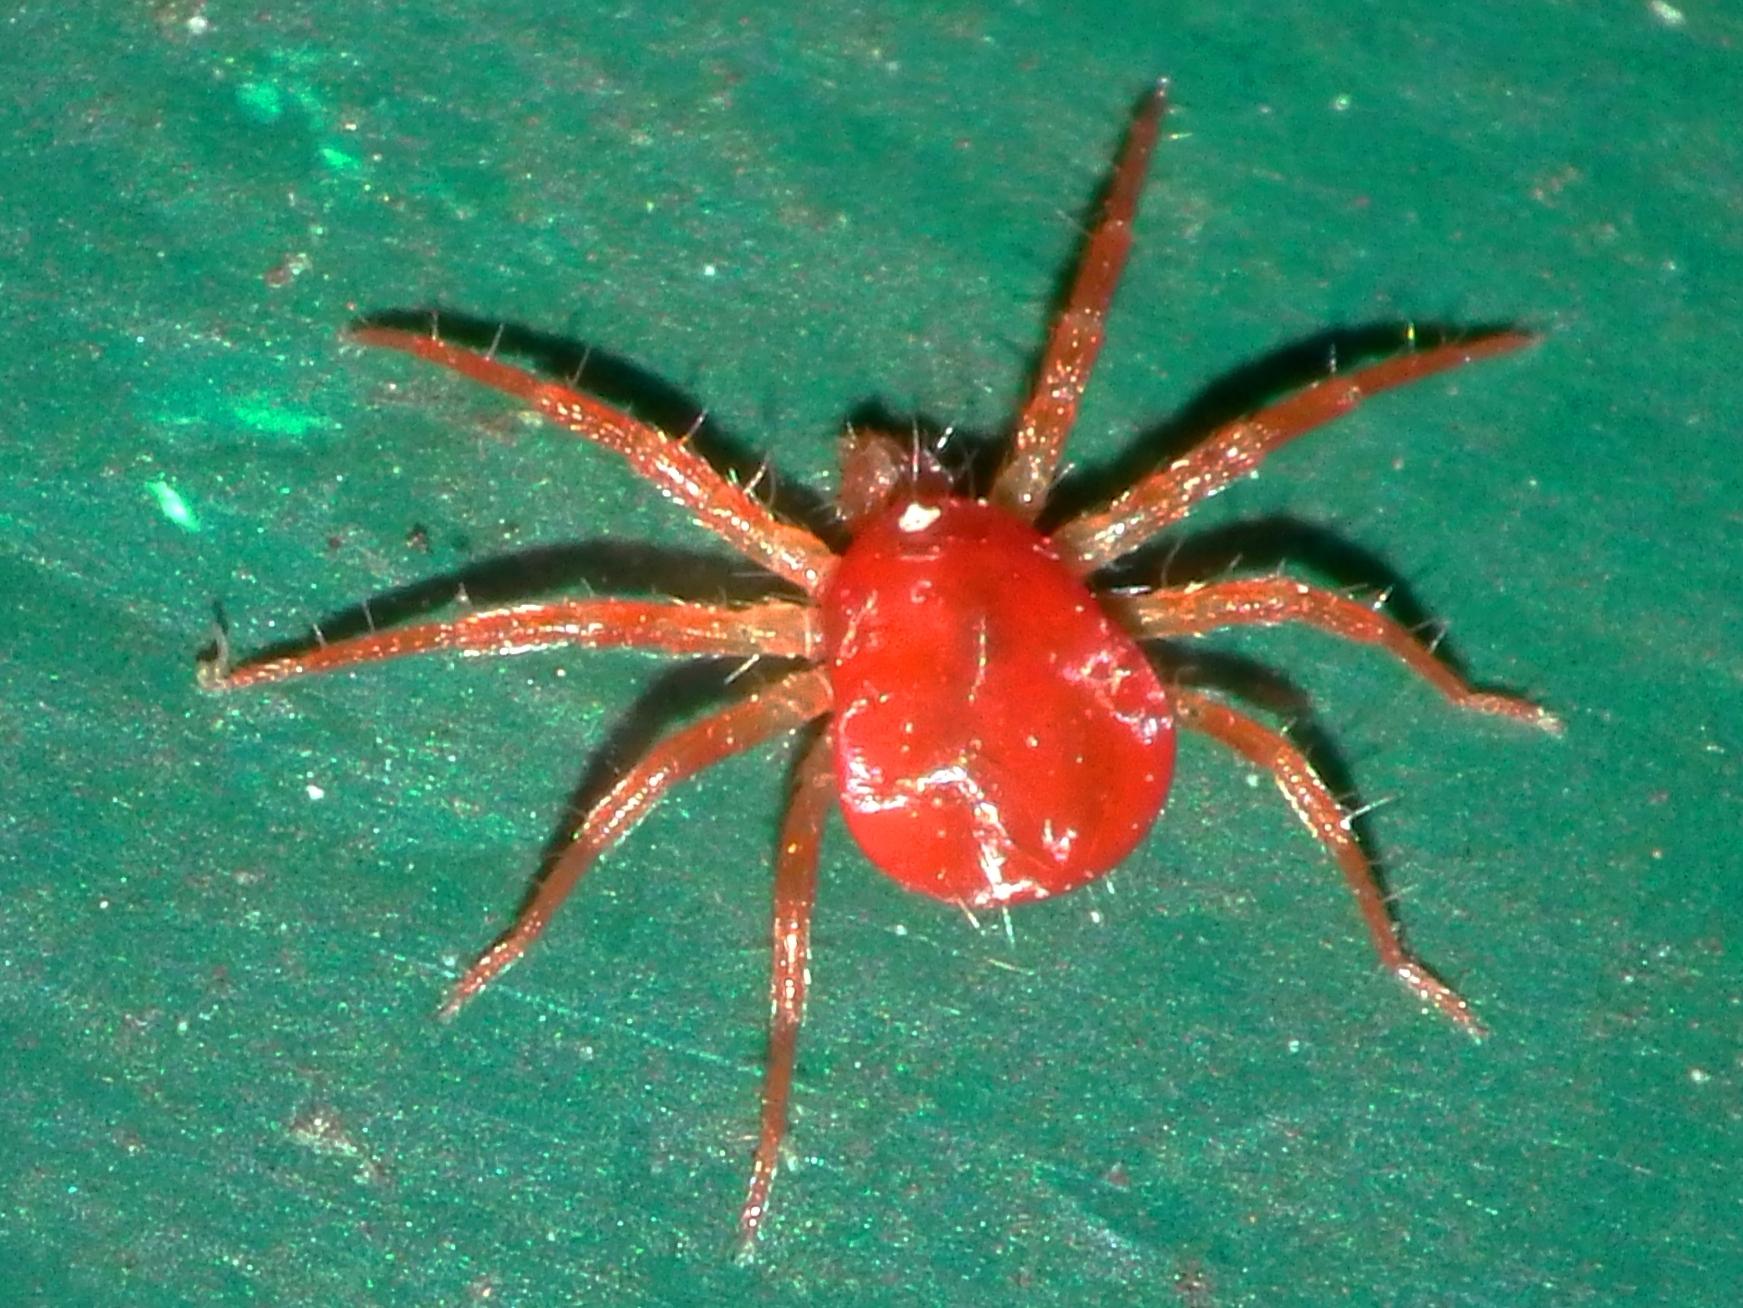 Red spider mites - photo#1